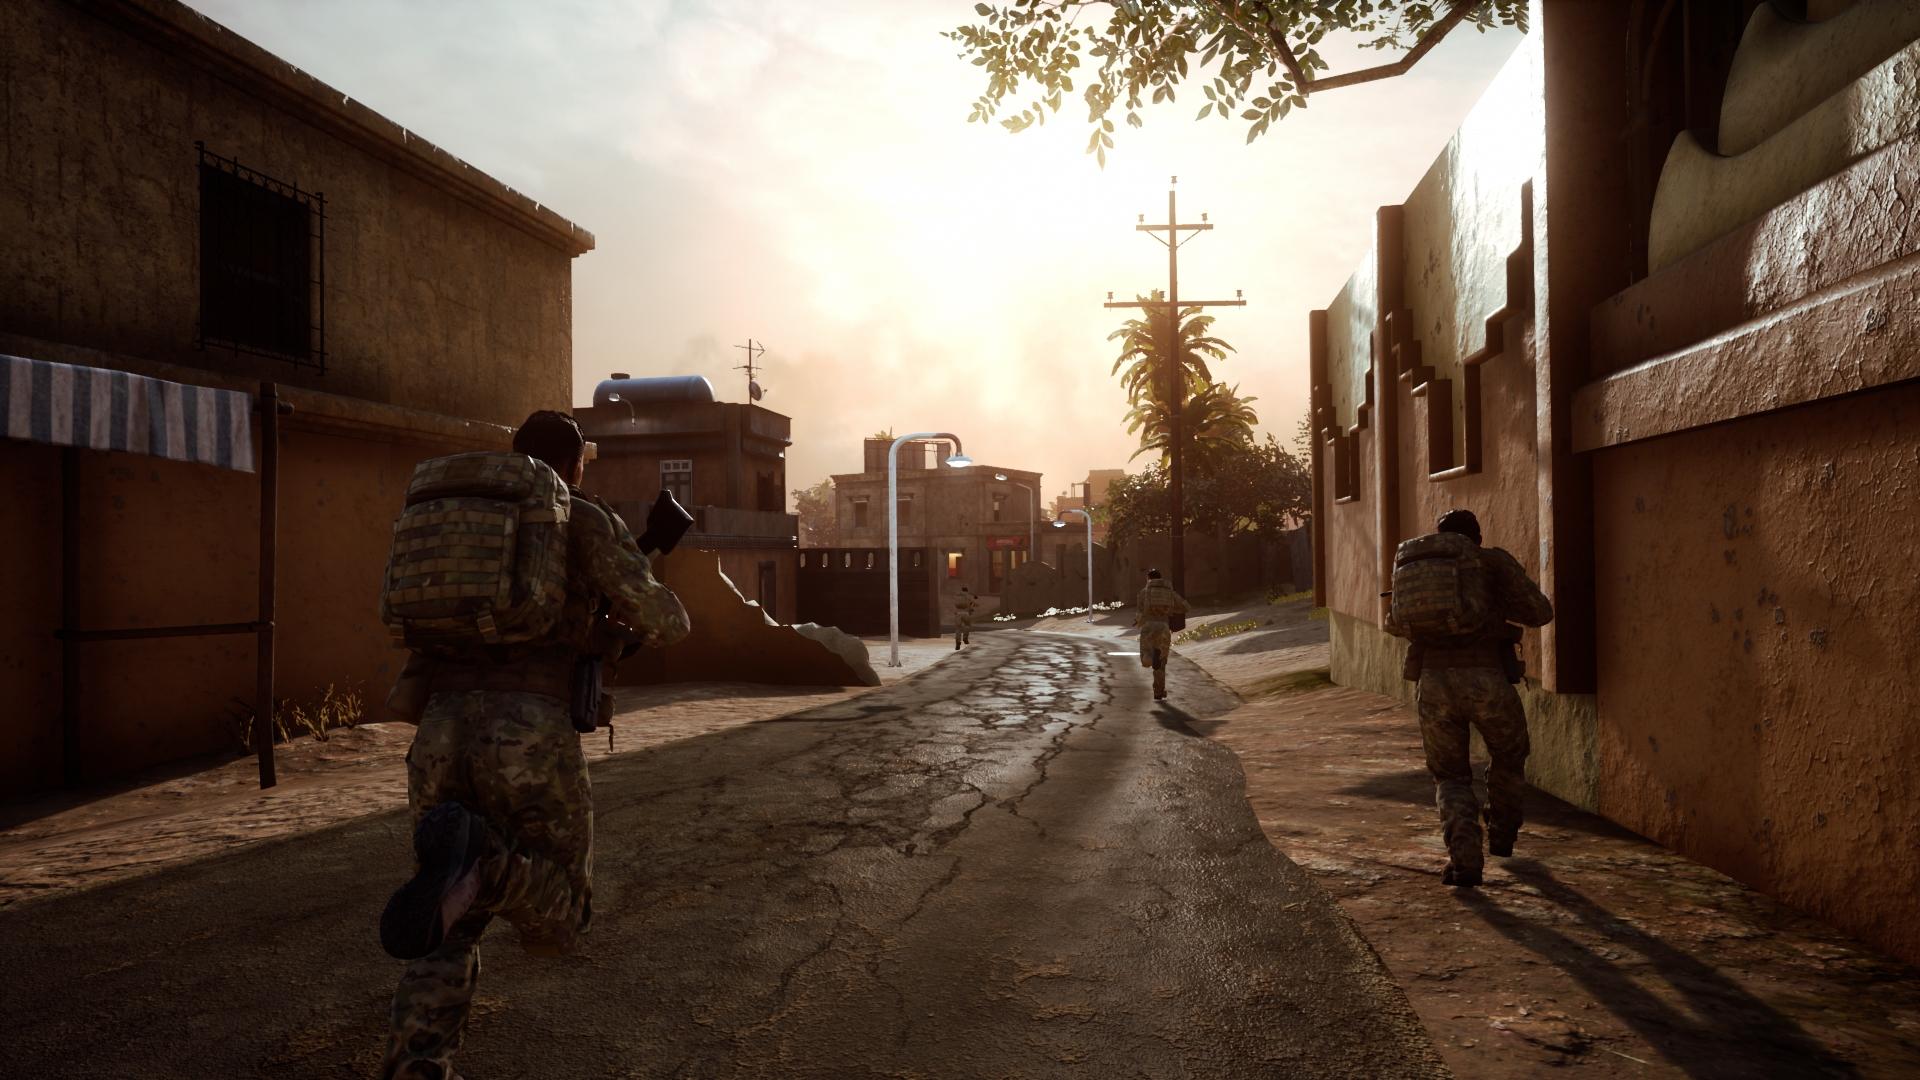 В трейлере Insurgency: Sandstorm американские солдаты убивают повстанцев в полуразрушенном городе